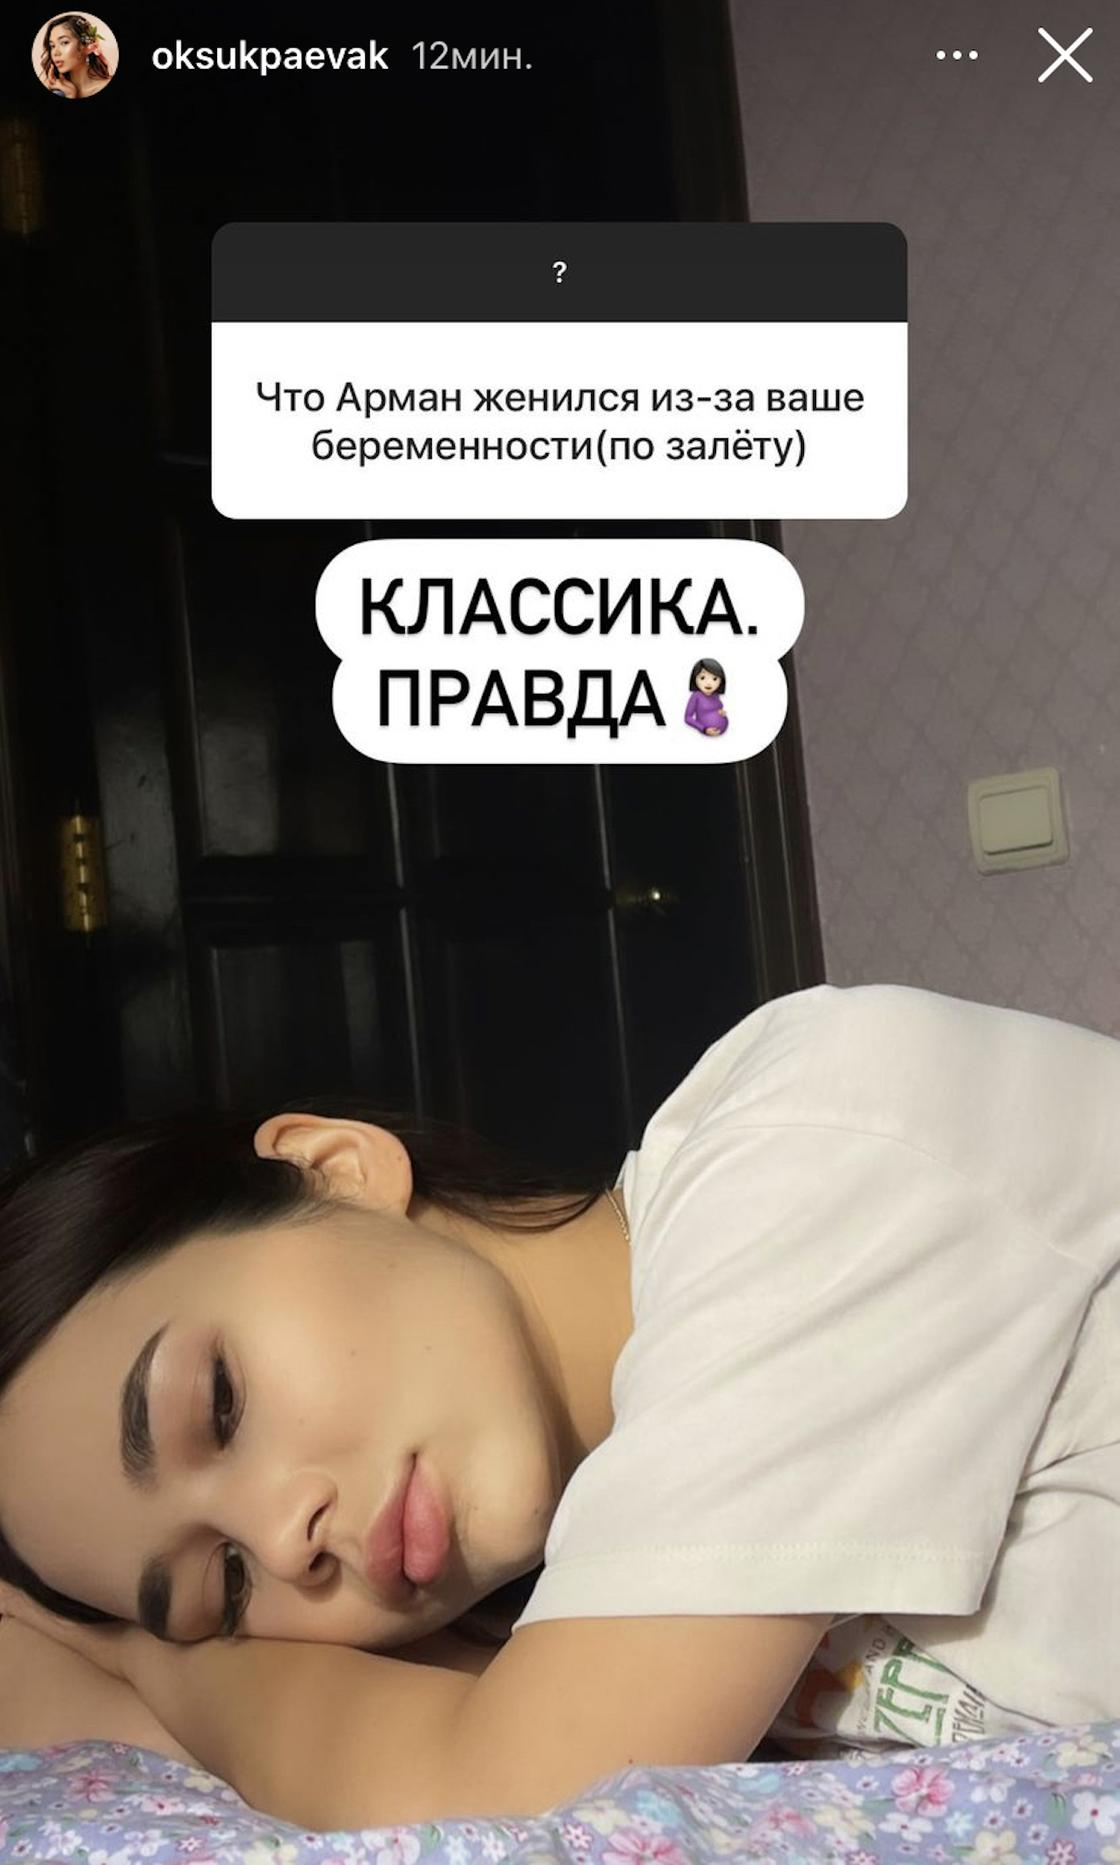 Карина Оксукпаева